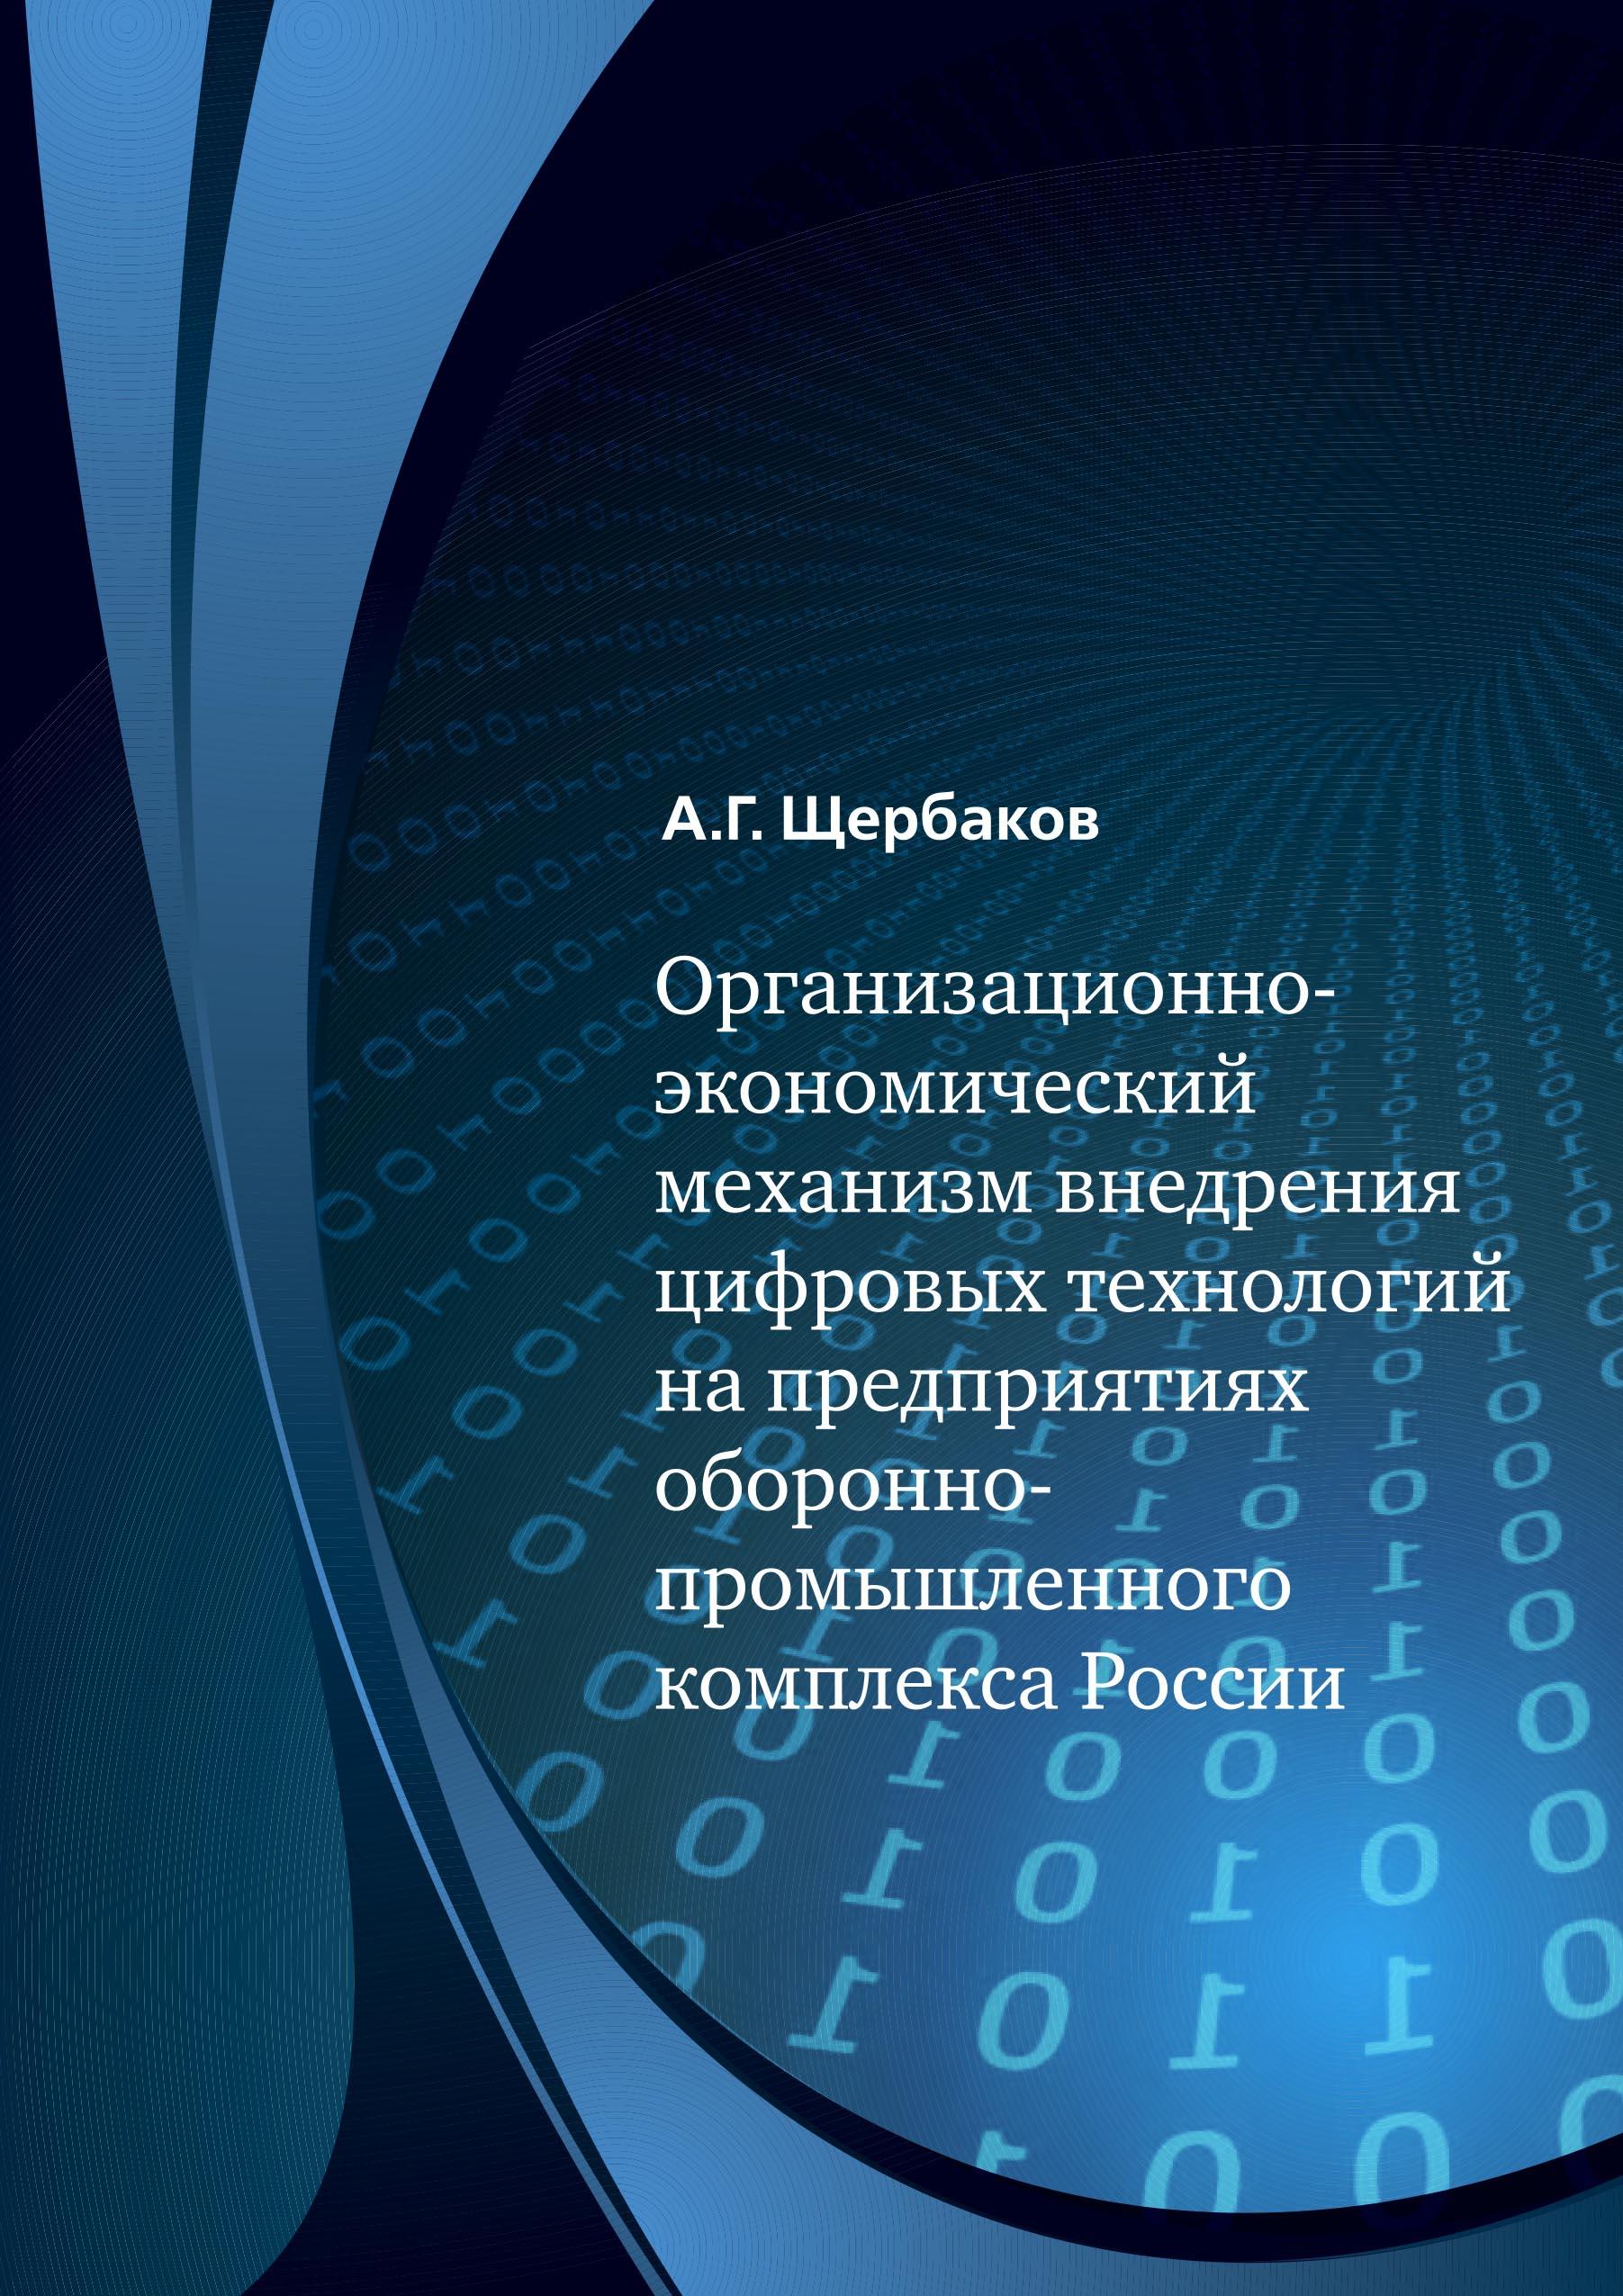 «Организационно-экономический механизм внедрения цифровых технологий на предприятиях оборонно-промышленного комплекса России»